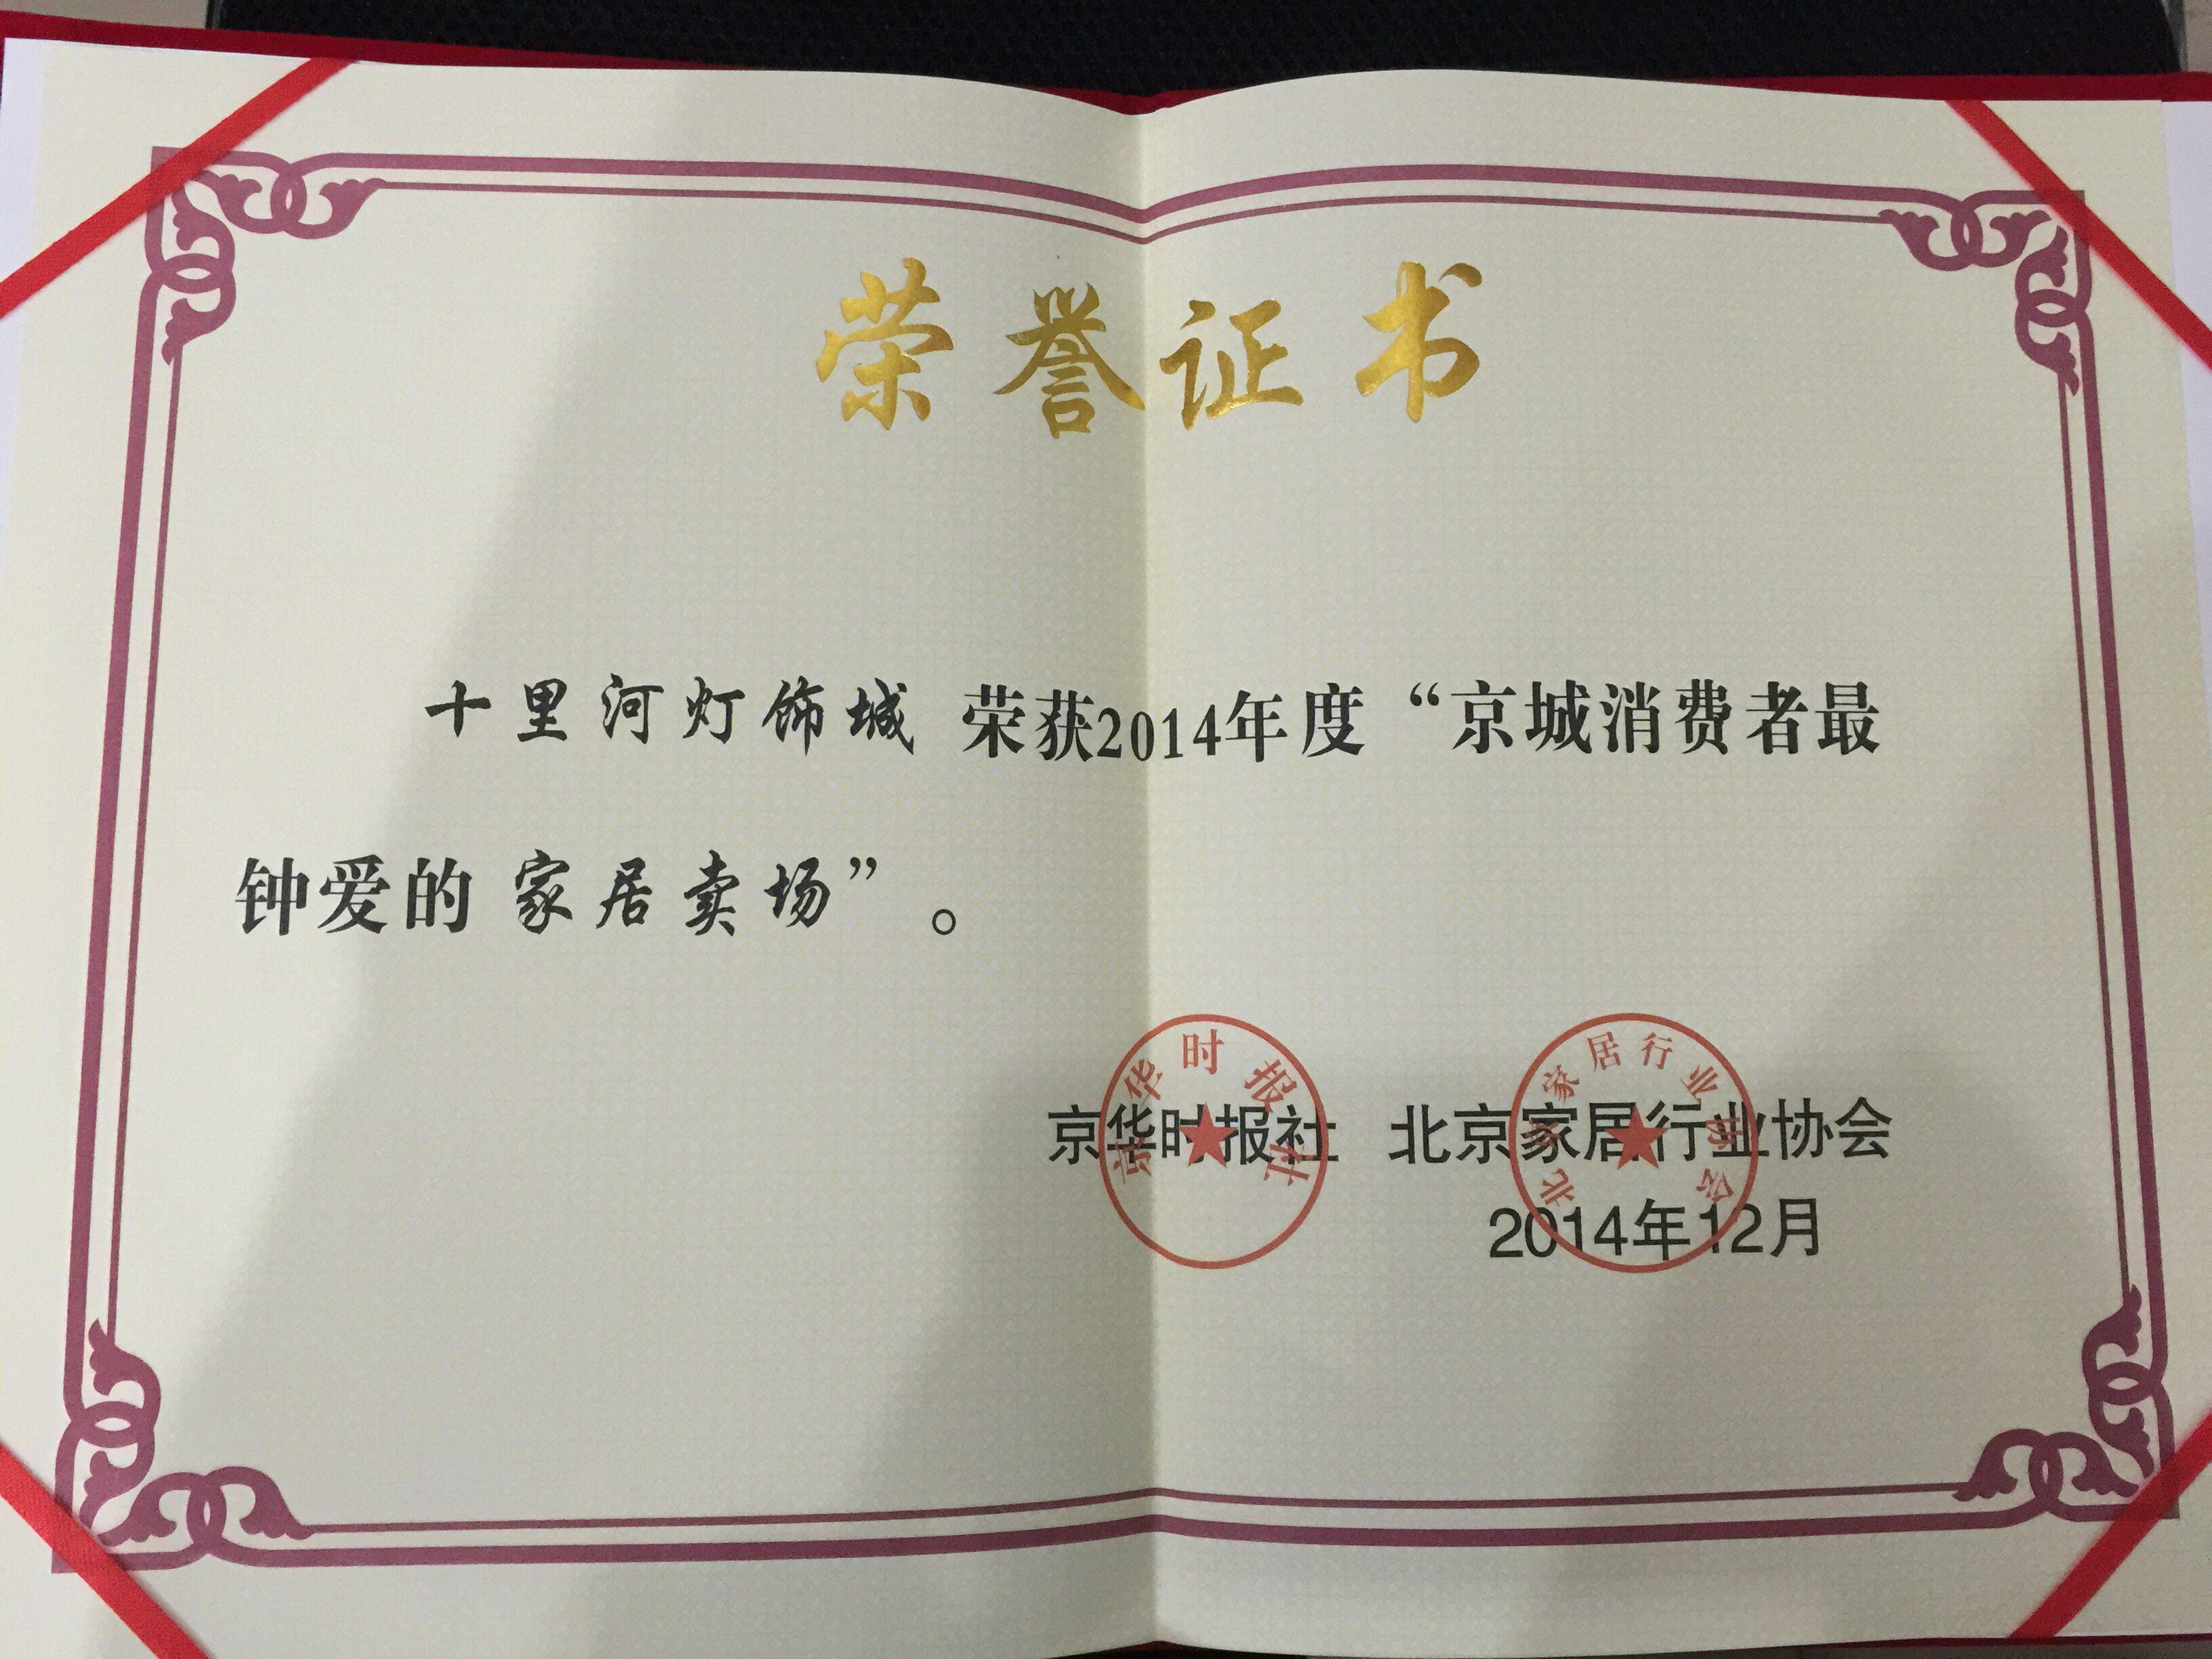 2014年度京城消费者最钟爱的家居卖场证书